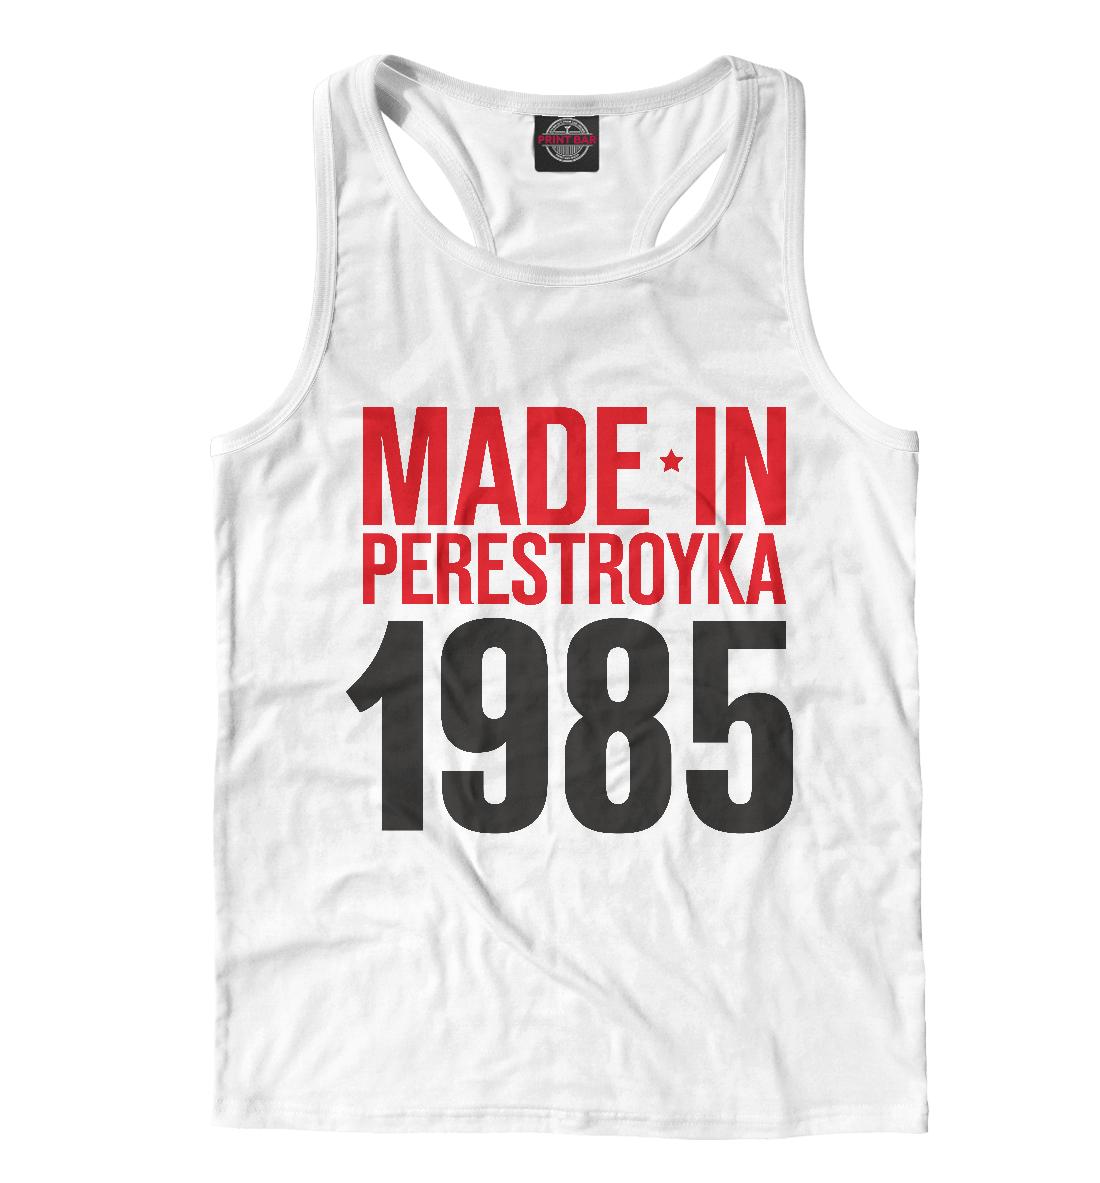 Купить 1985 год рождения, Printbar, Майки борцовки, DVP-675618-mayb-2